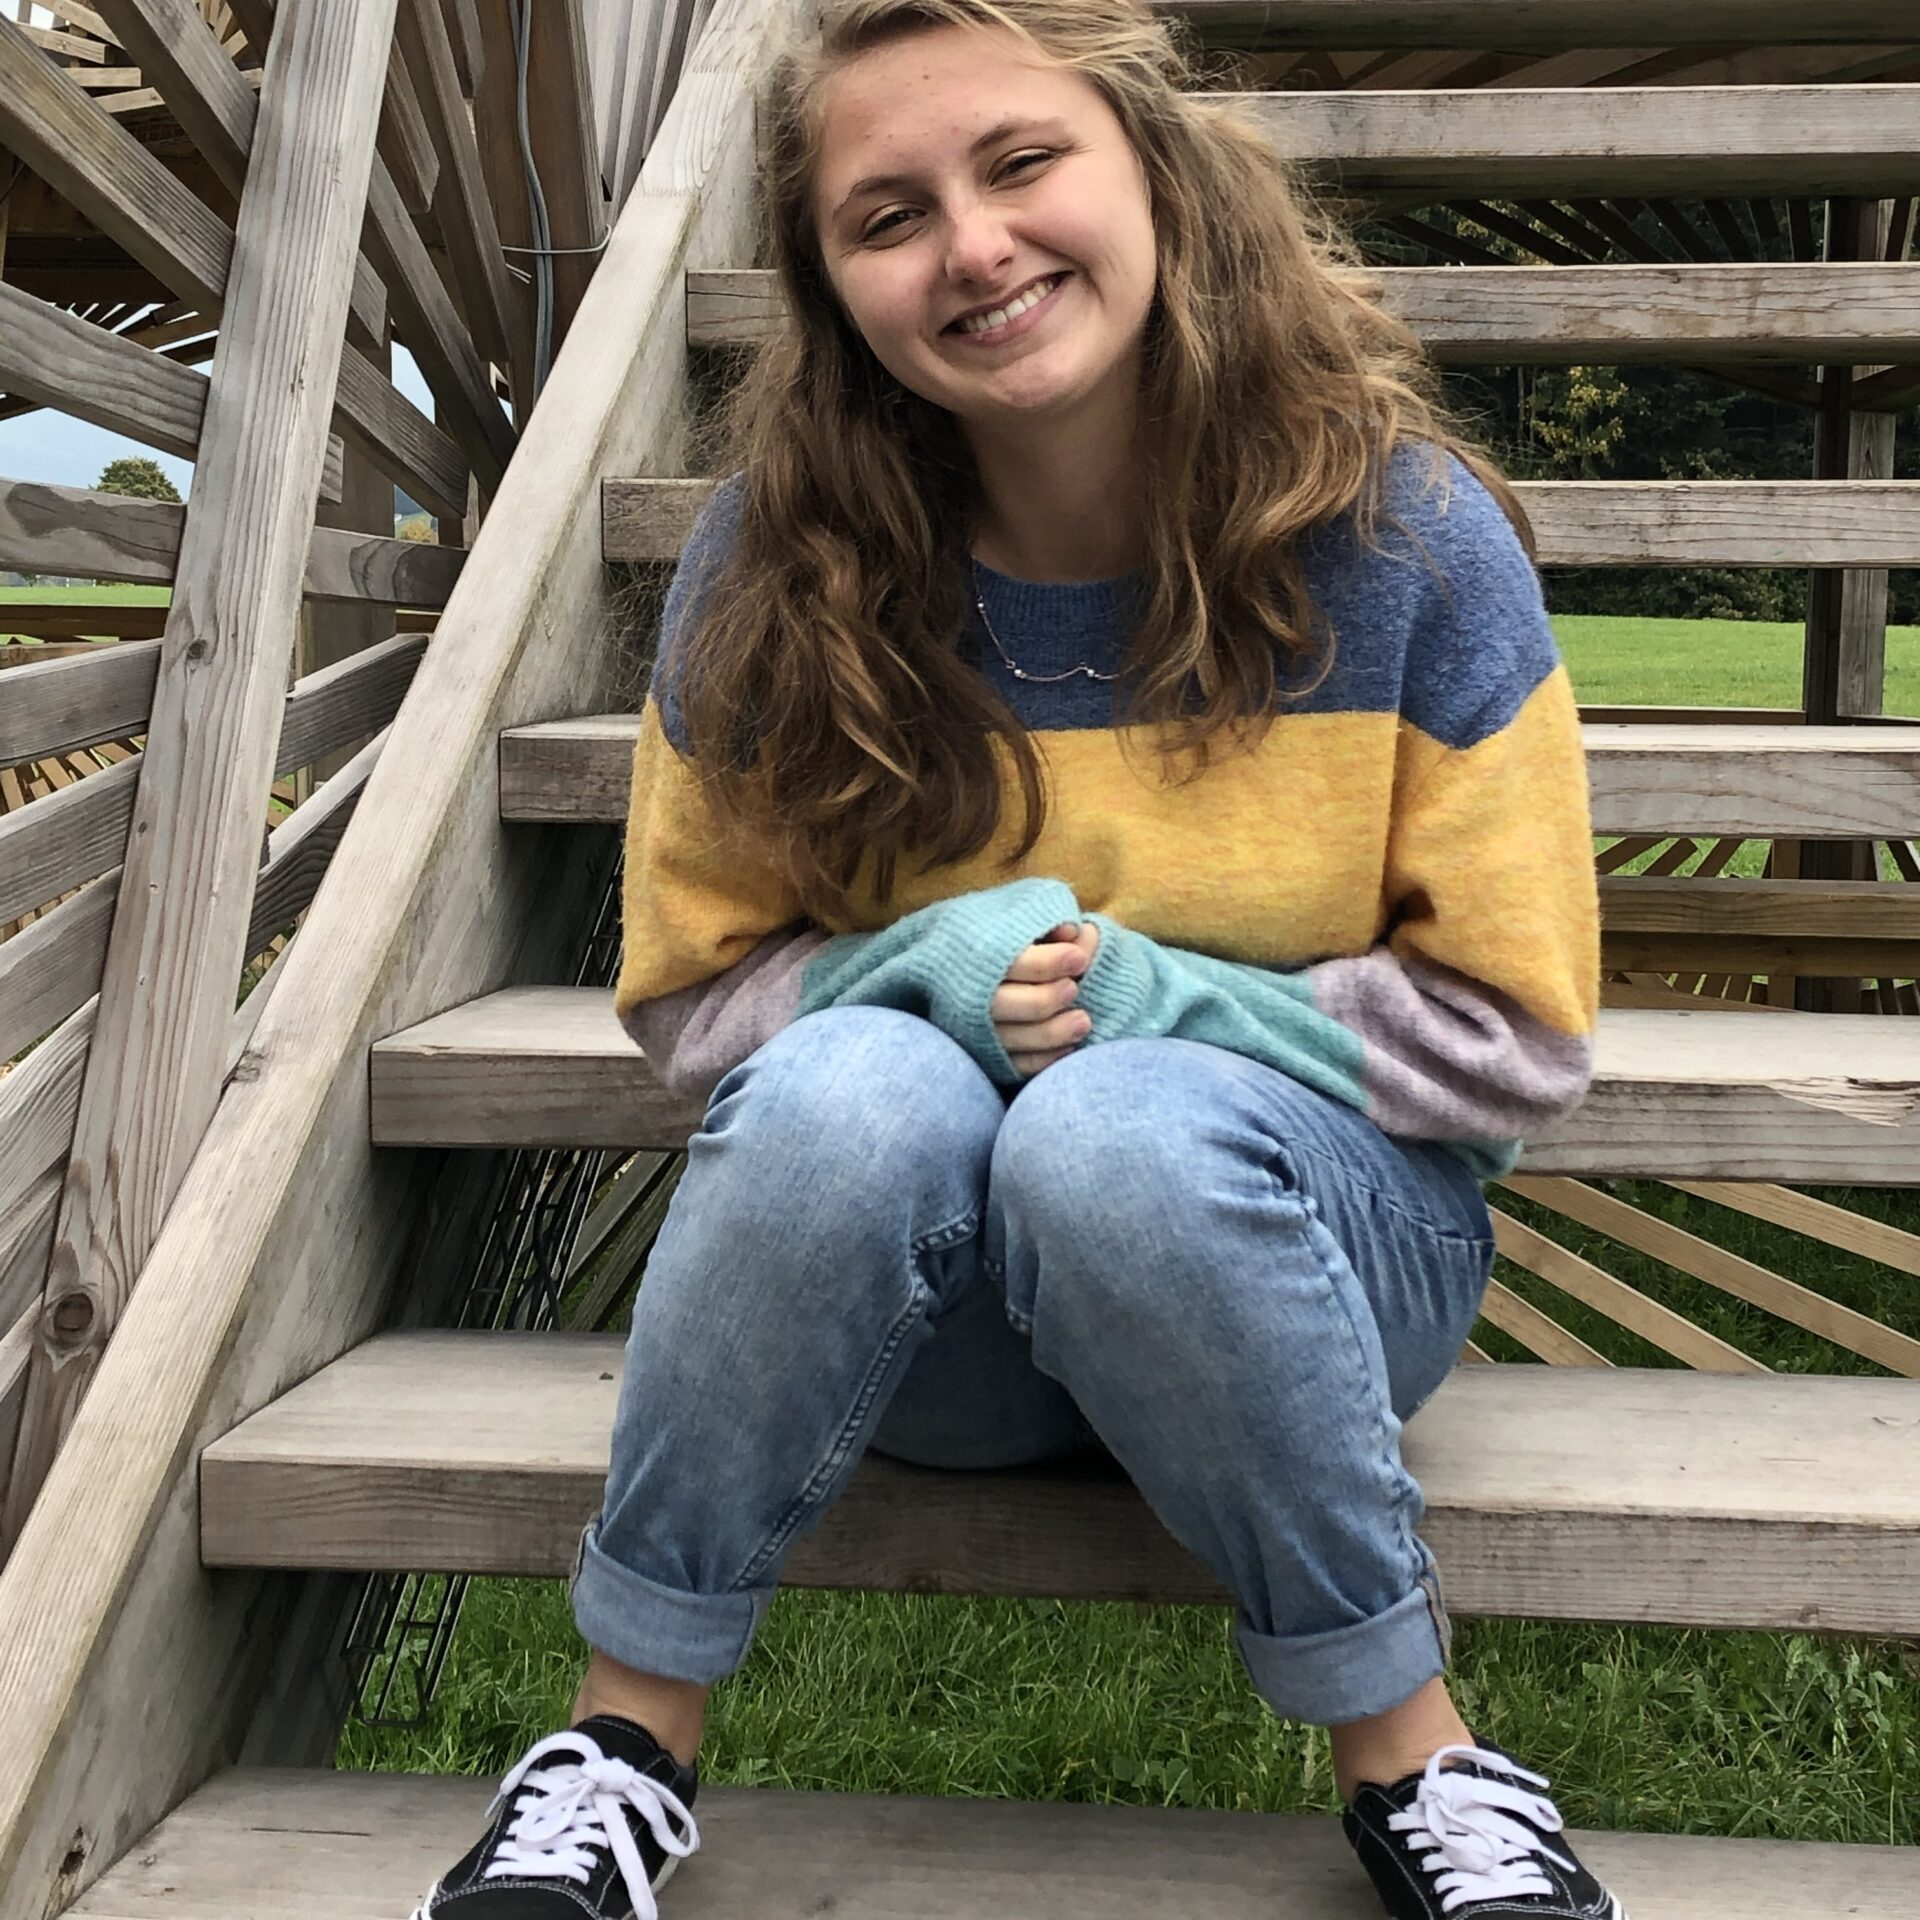 Joelle Warthman, Bloggerin von Rimuss von Crazykitchenblog.com